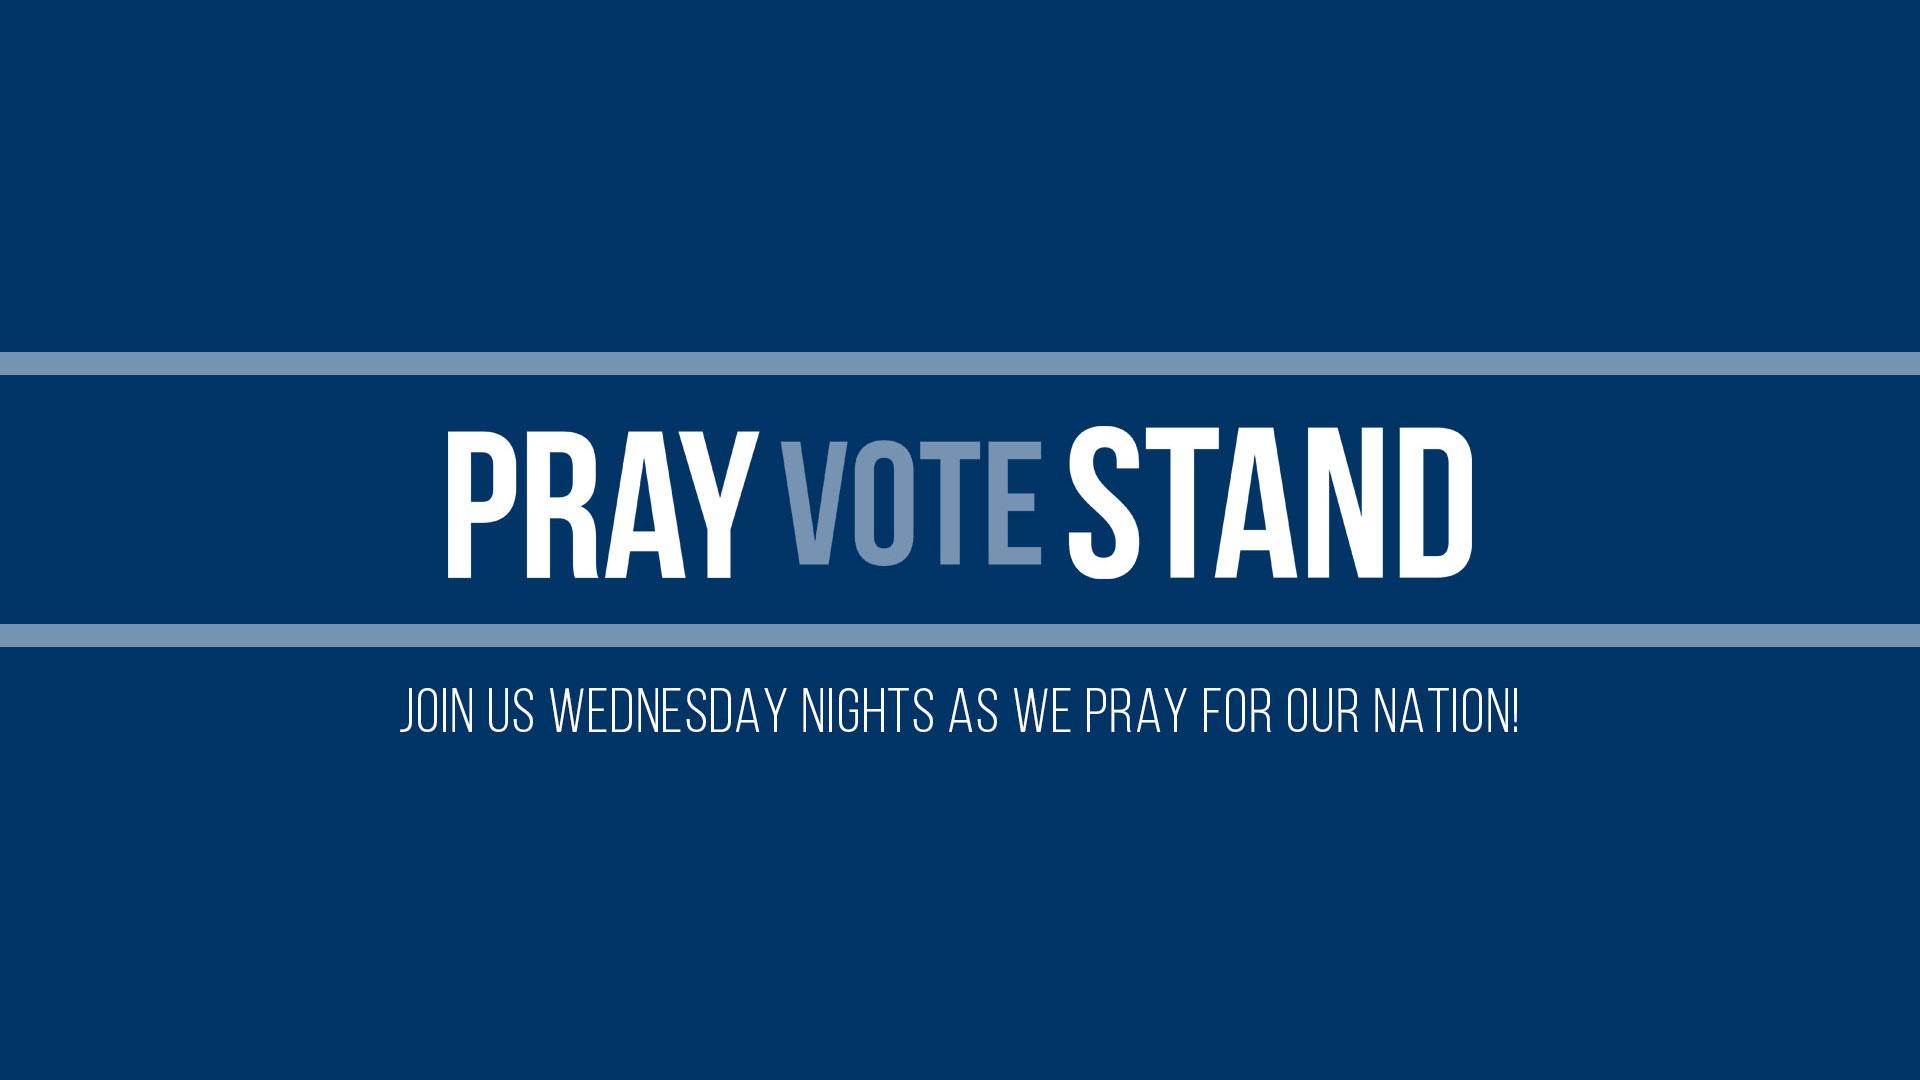 pray vote stand